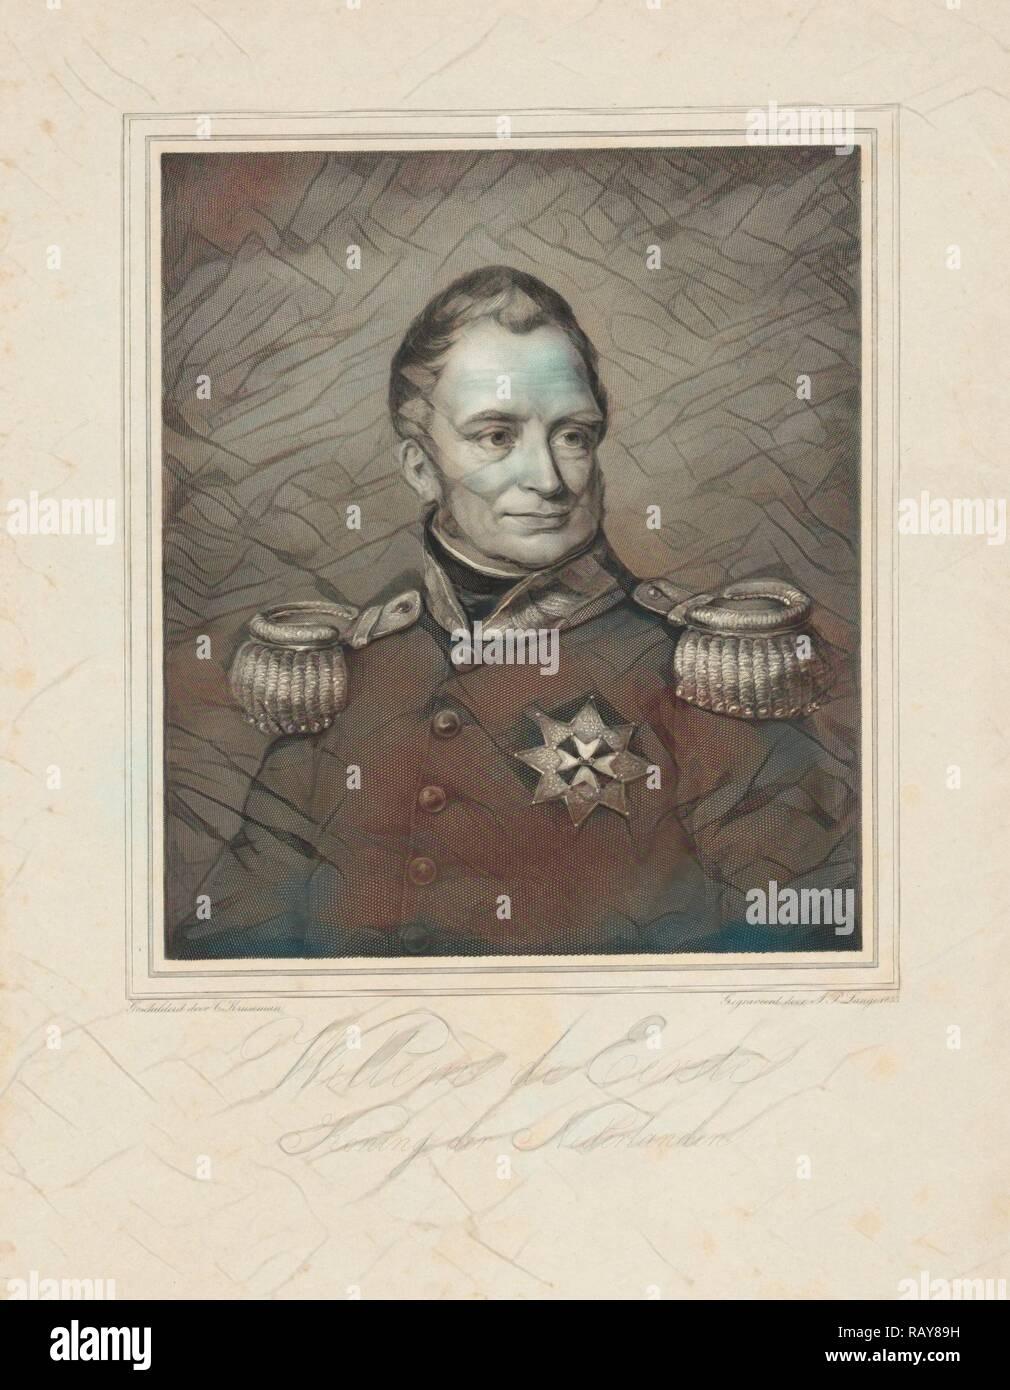 Retrato de Frederik Willem I, Rey de los Países Bajos, Johannes Philippus Lange, 1835. Reimagined by Gibon. Clásico reinventado Imagen De Stock